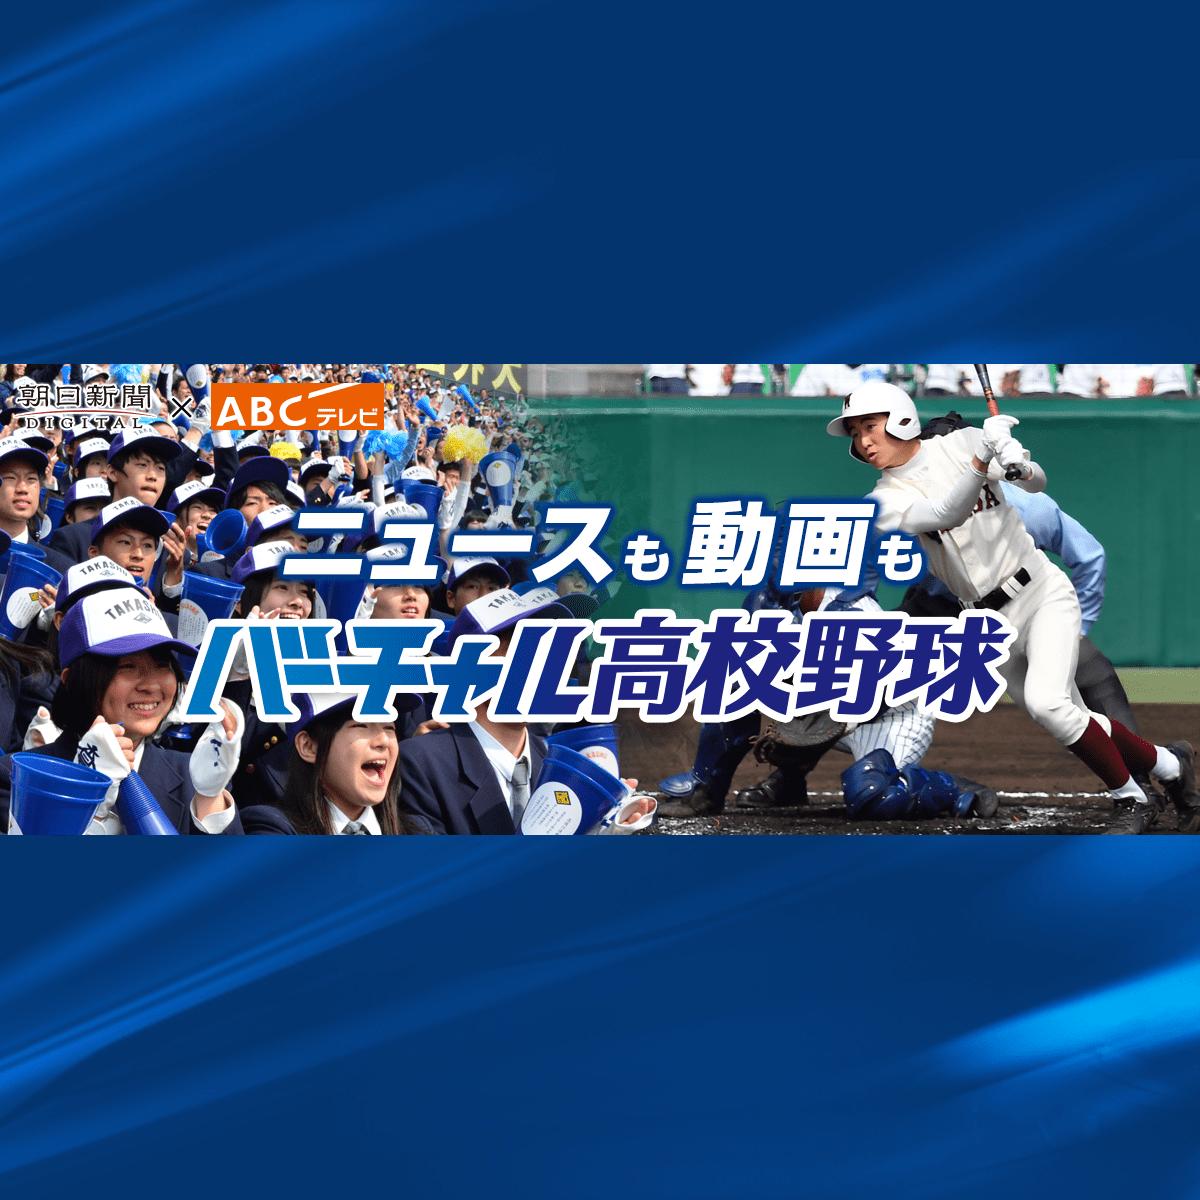 フォトギャラリー - センバツ-第90回記念選抜高校野球(…